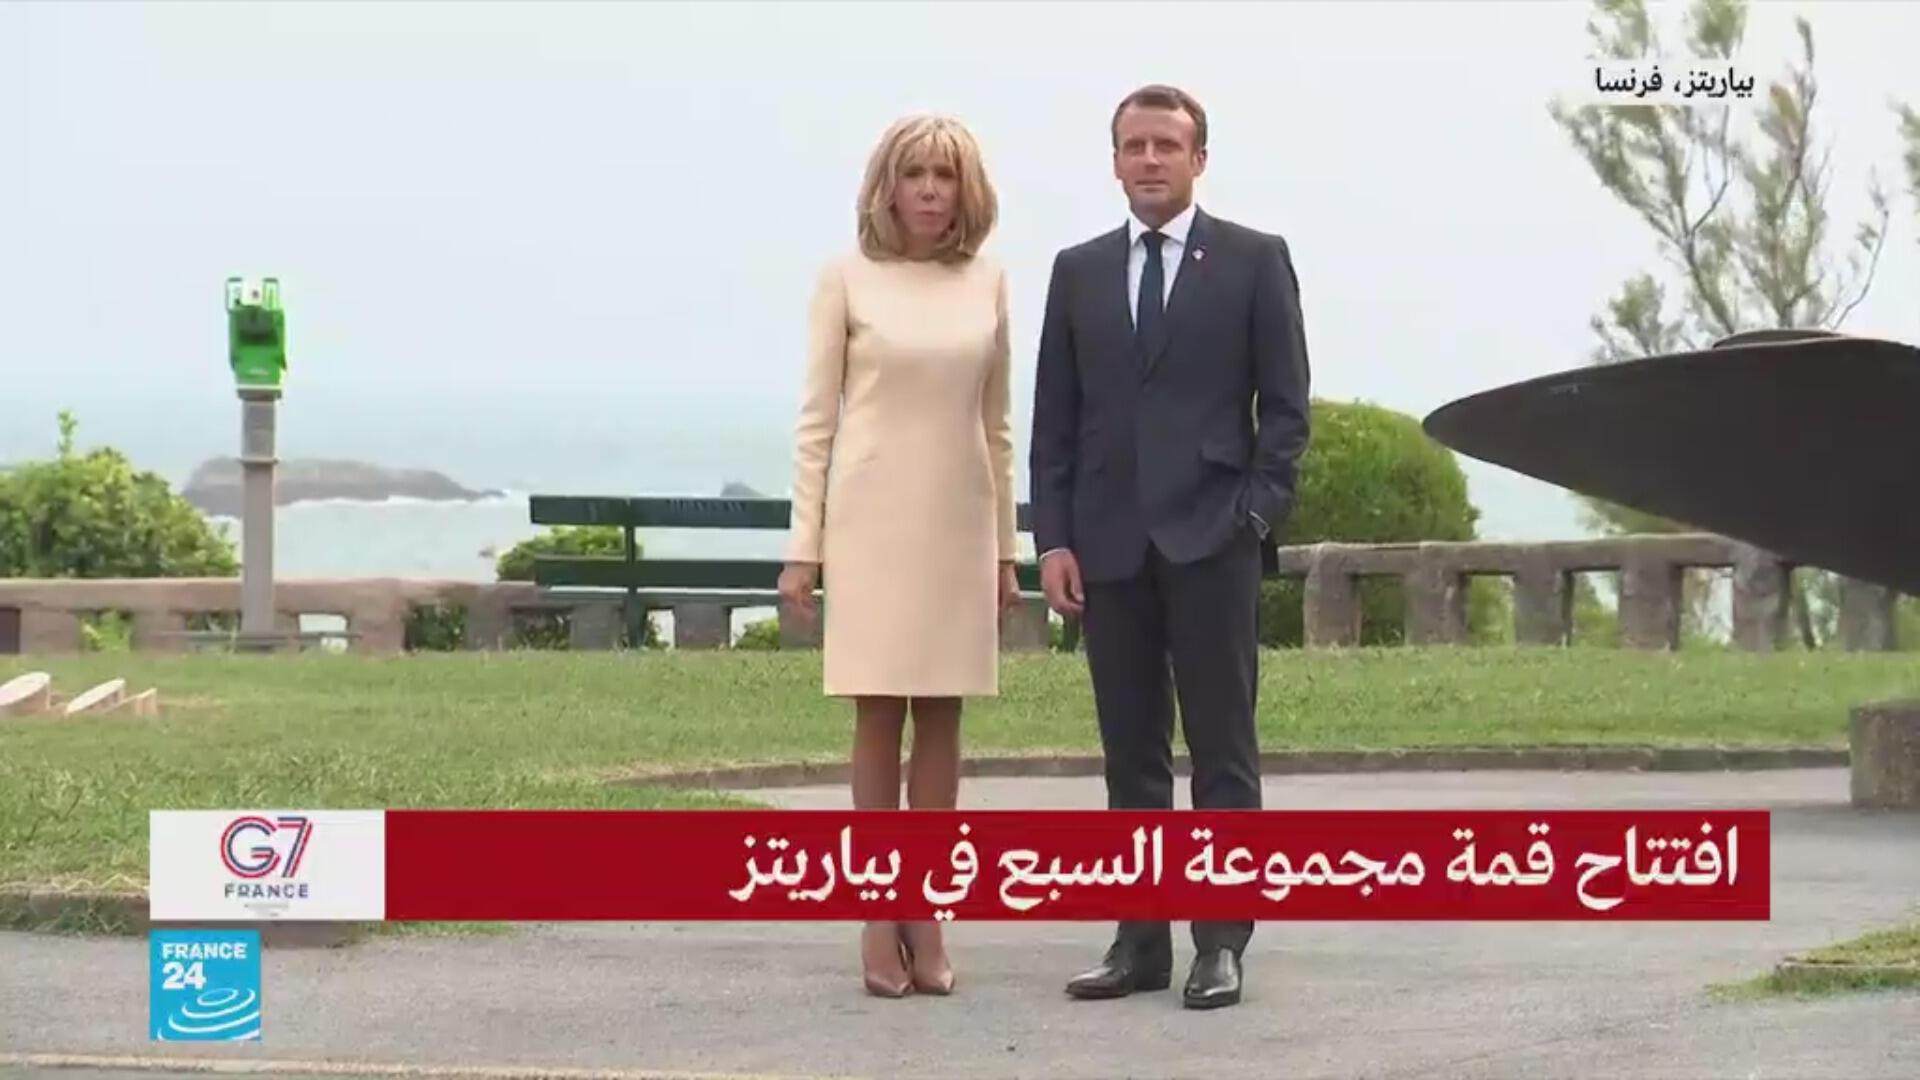 الرئيس الفرنسي إيمانويل ماكرون برفقة زوجته بريجيت في افتتاح قمة مجموعة السبع.